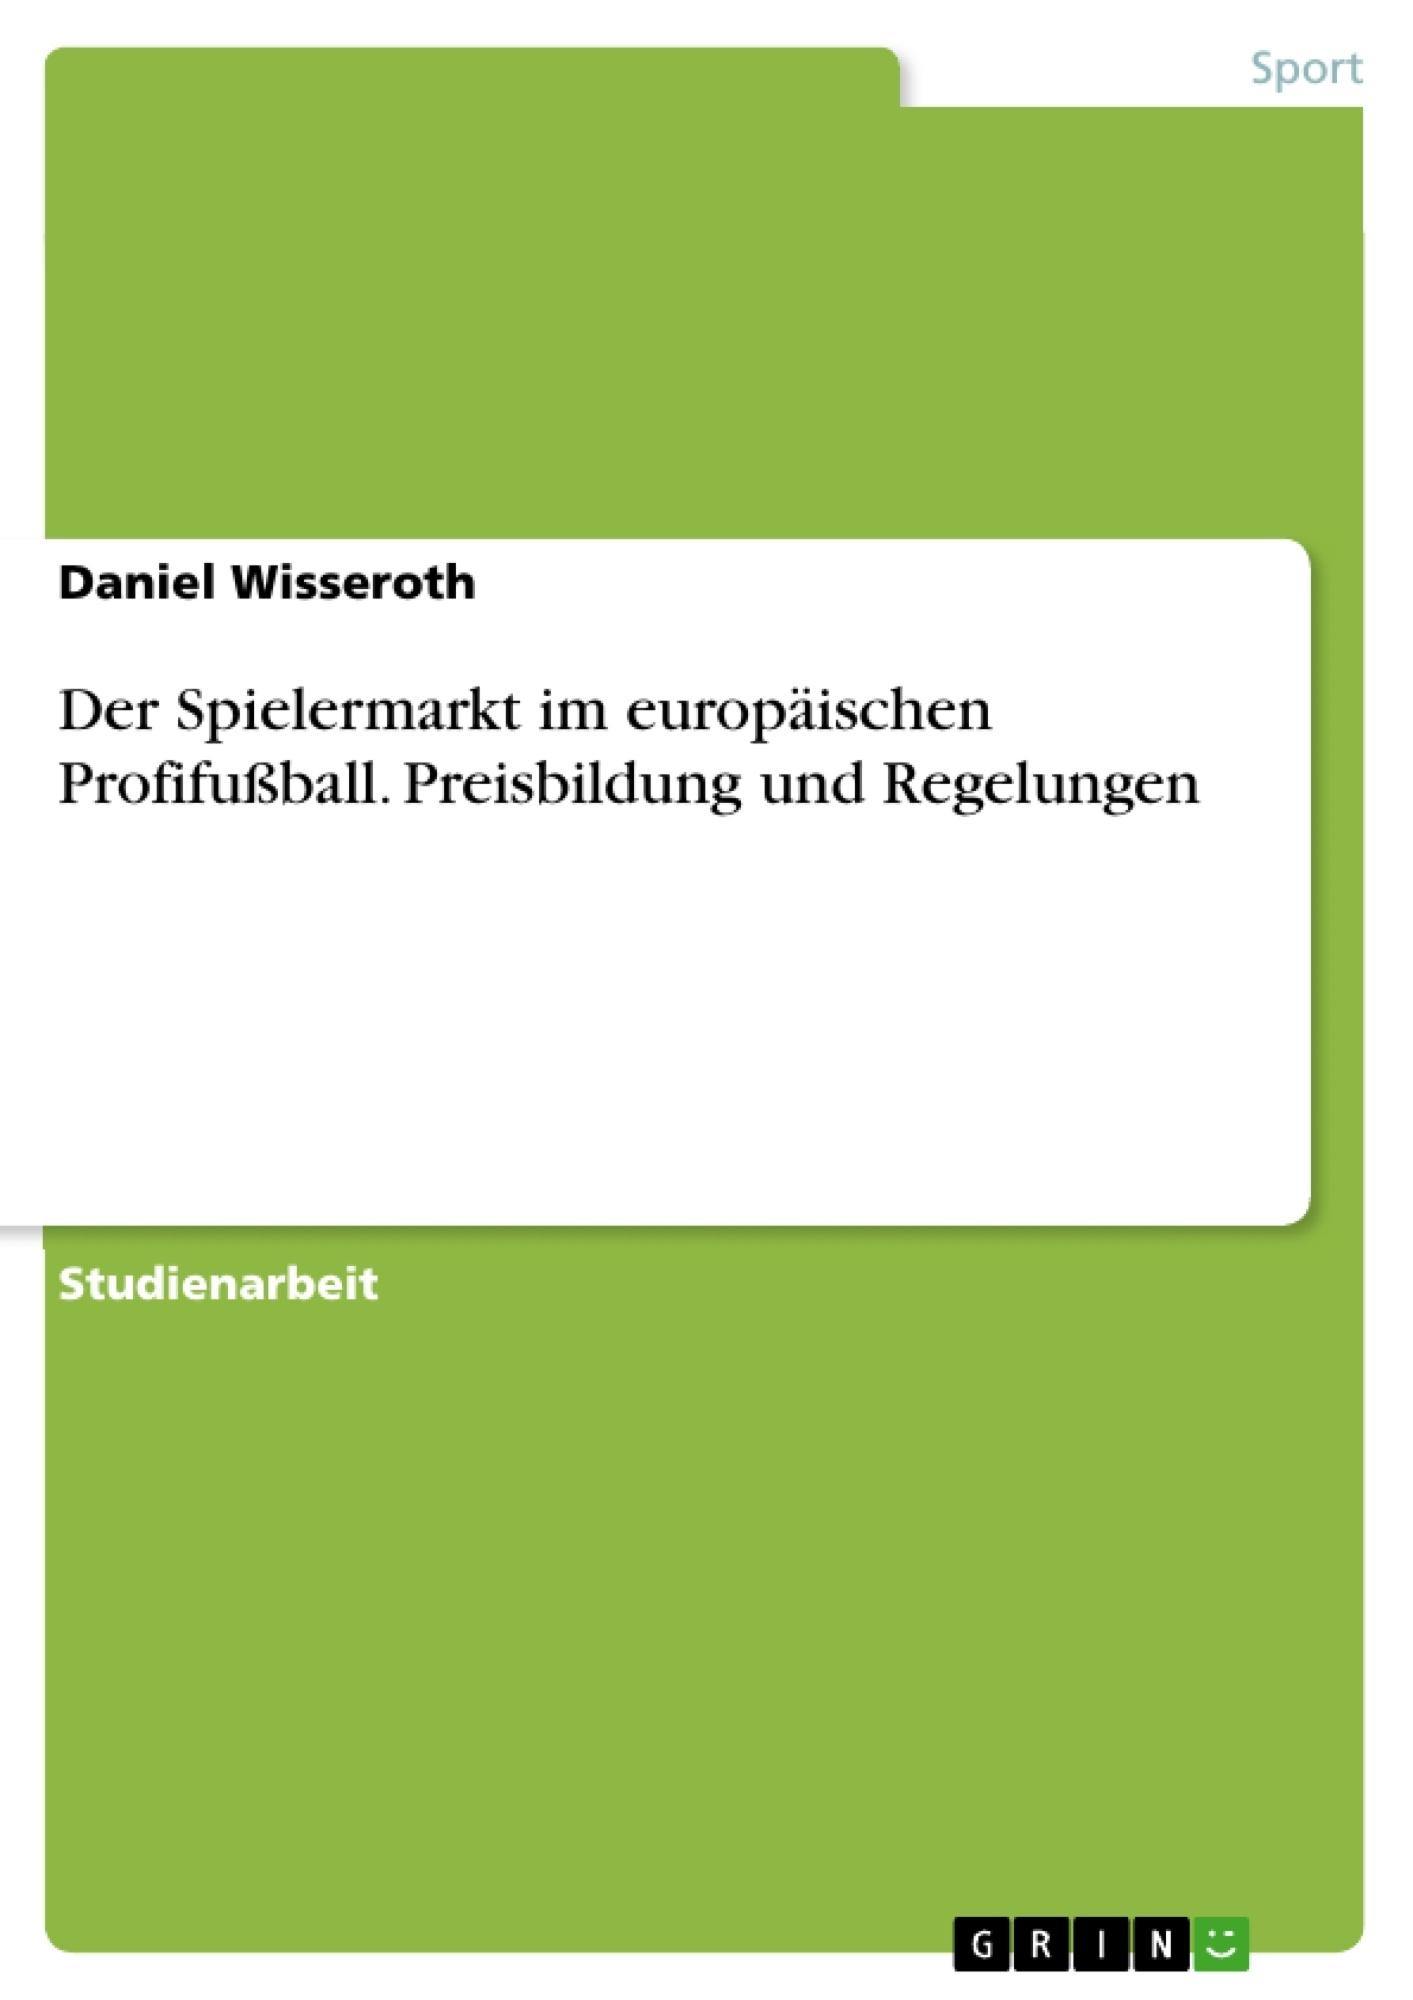 Titel: Der Spielermarkt im europäischen Profifußball. Preisbildung und Regelungen